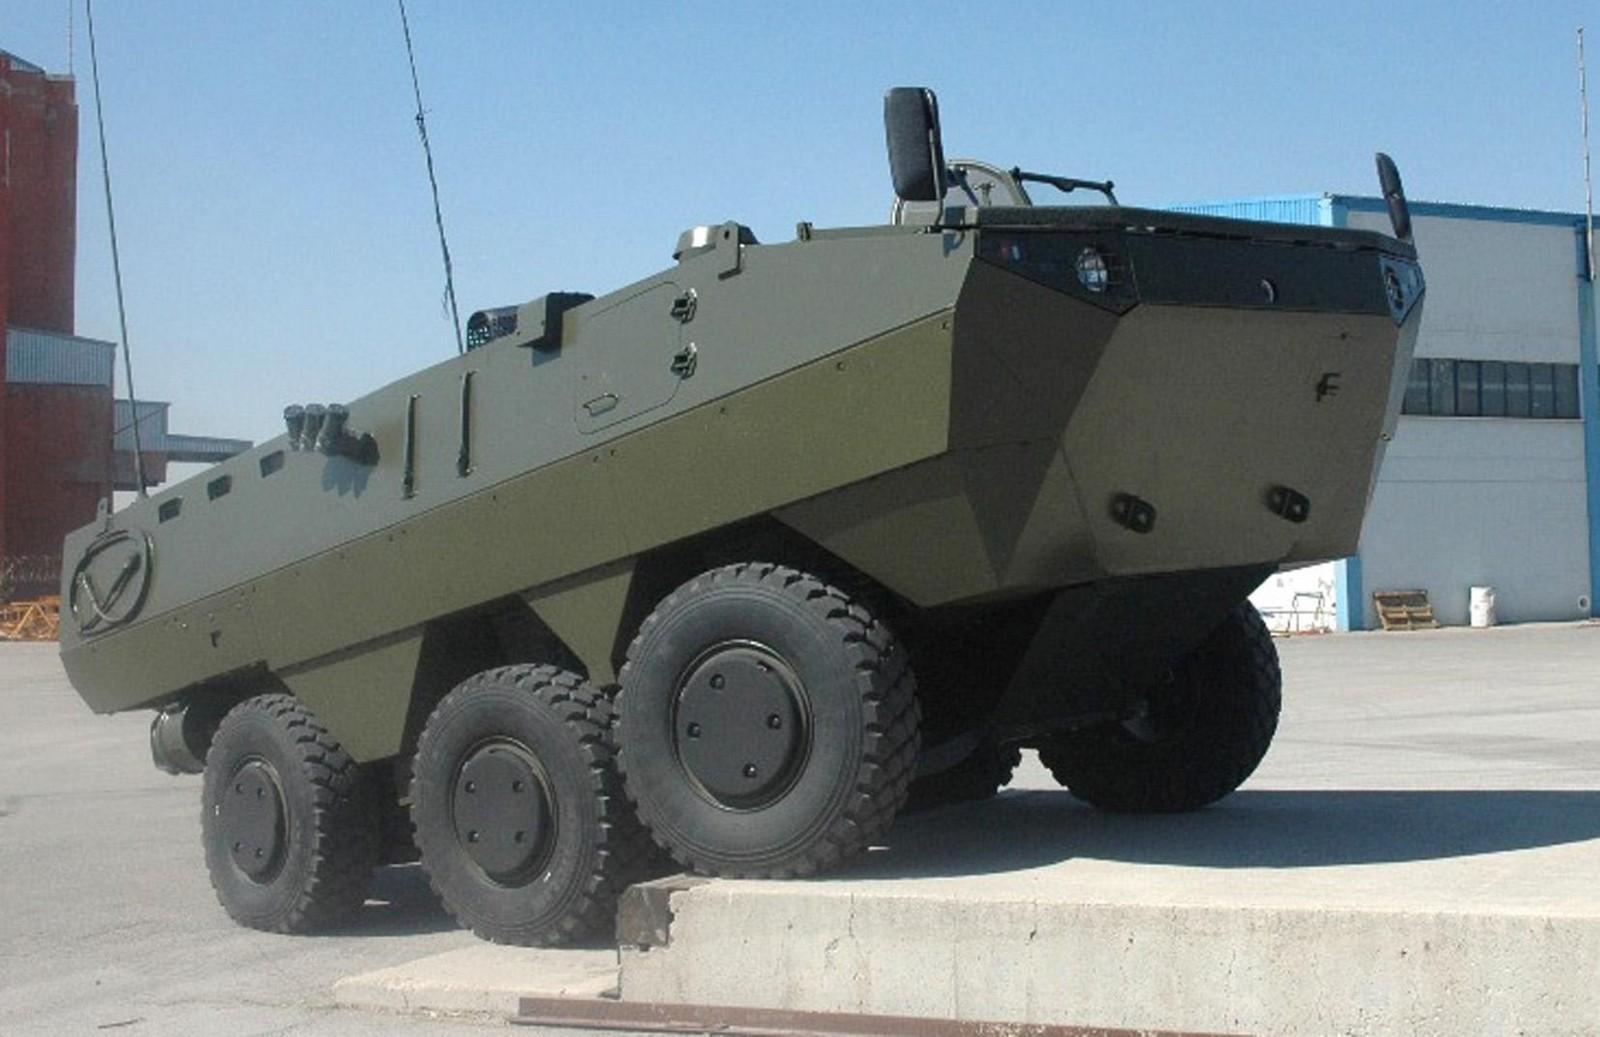 Трехосная 450-сильная плавающая боевая бронемашина Nurol Ejder 6х6